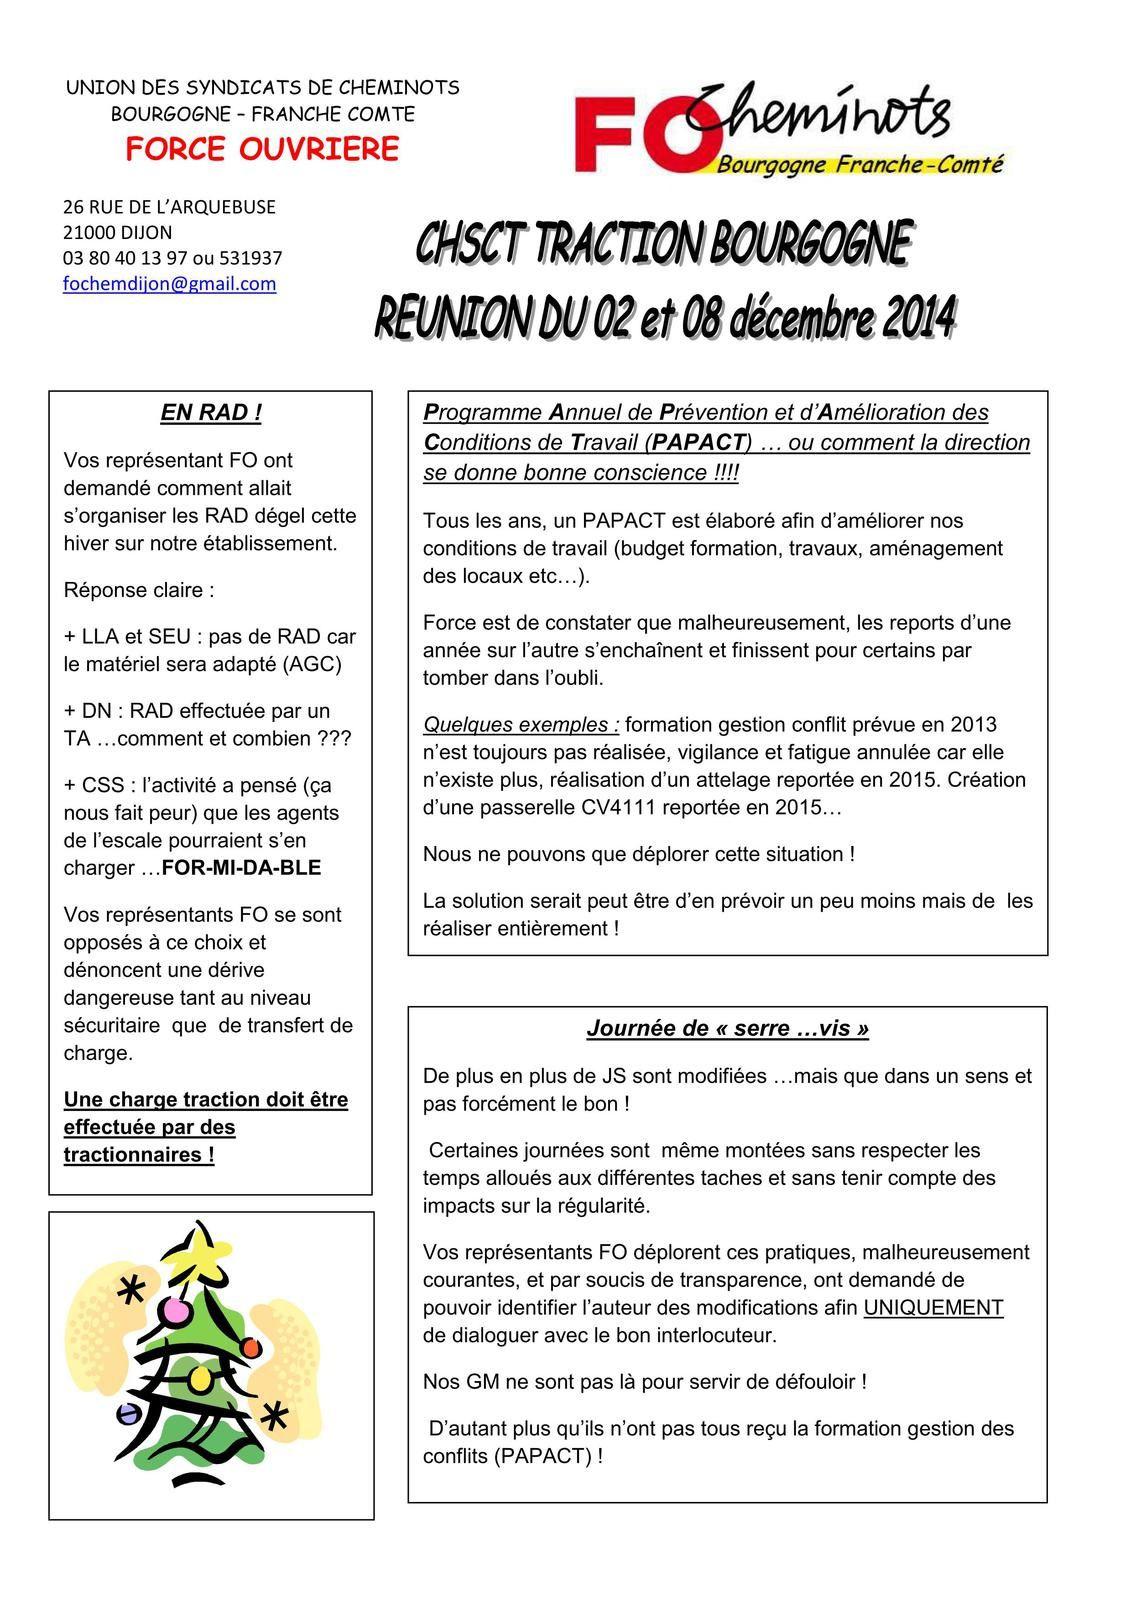 CR CHSCT Décembre 2014. 20-12-2014